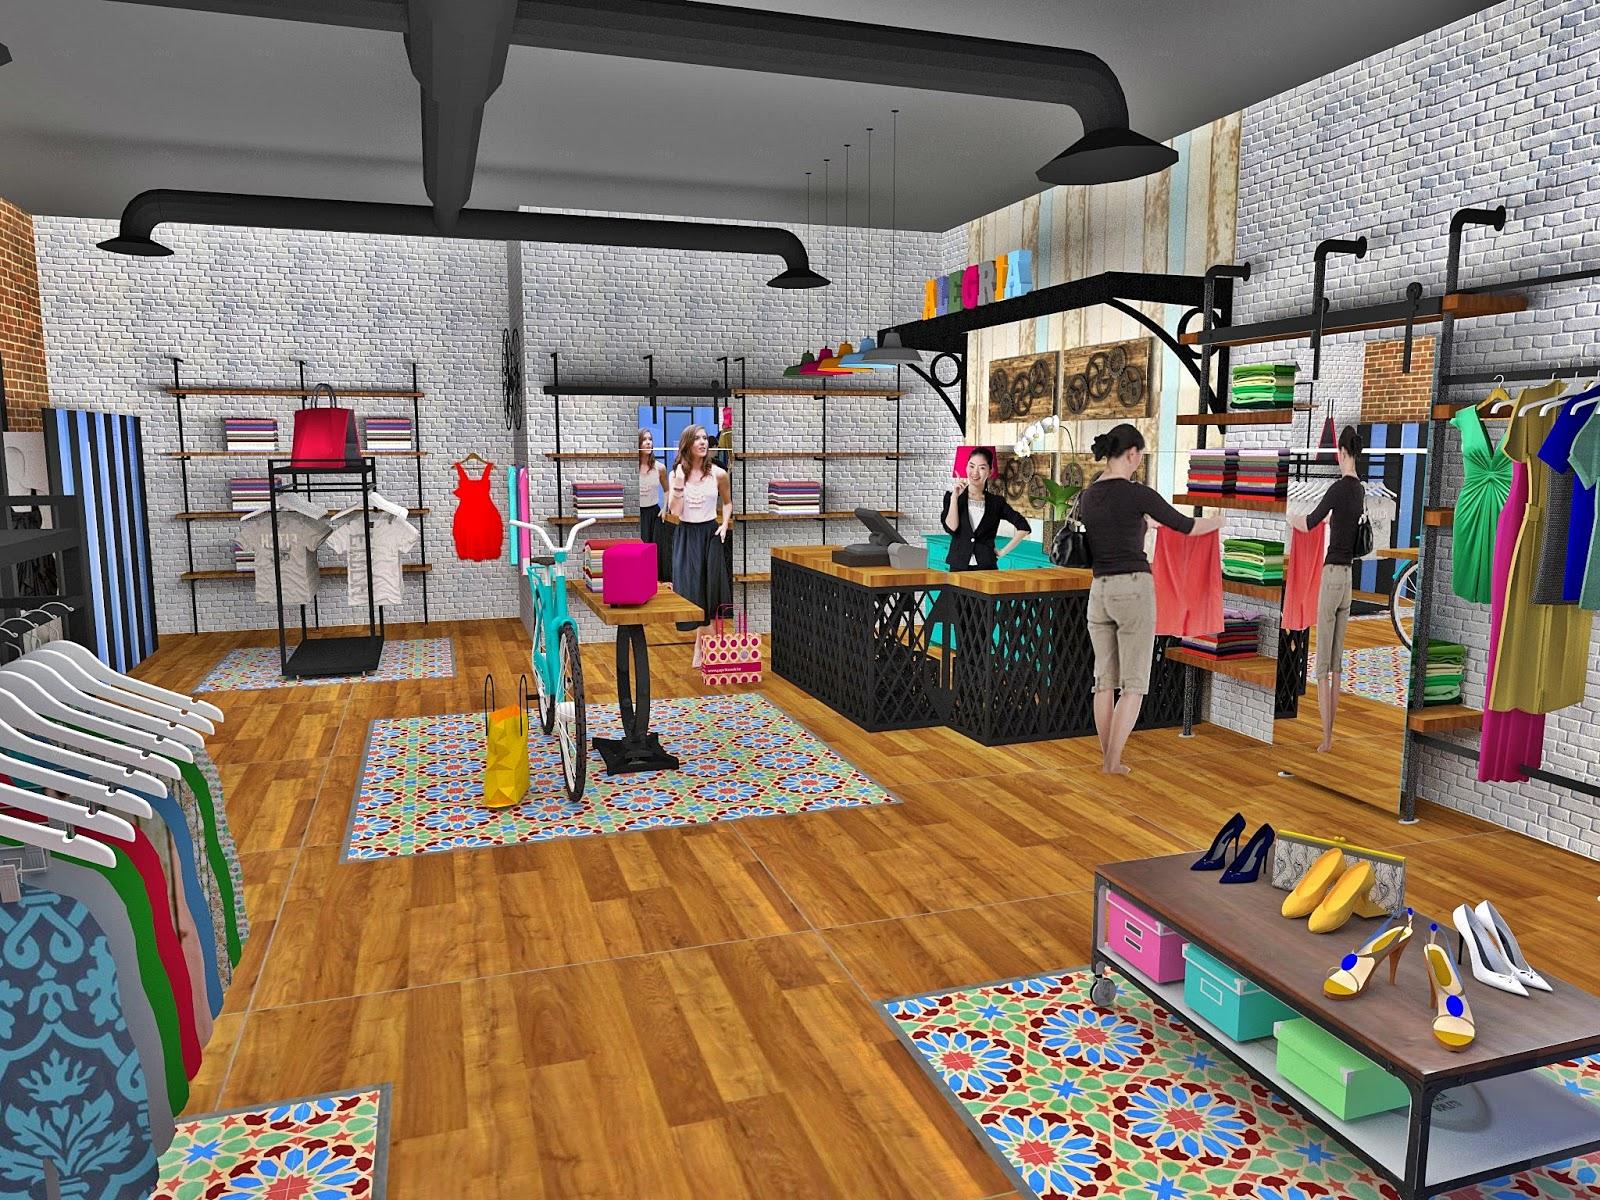 Dise o de interiores escuela de arte de motril tienda de for Decoracion de interiores locales de ropa